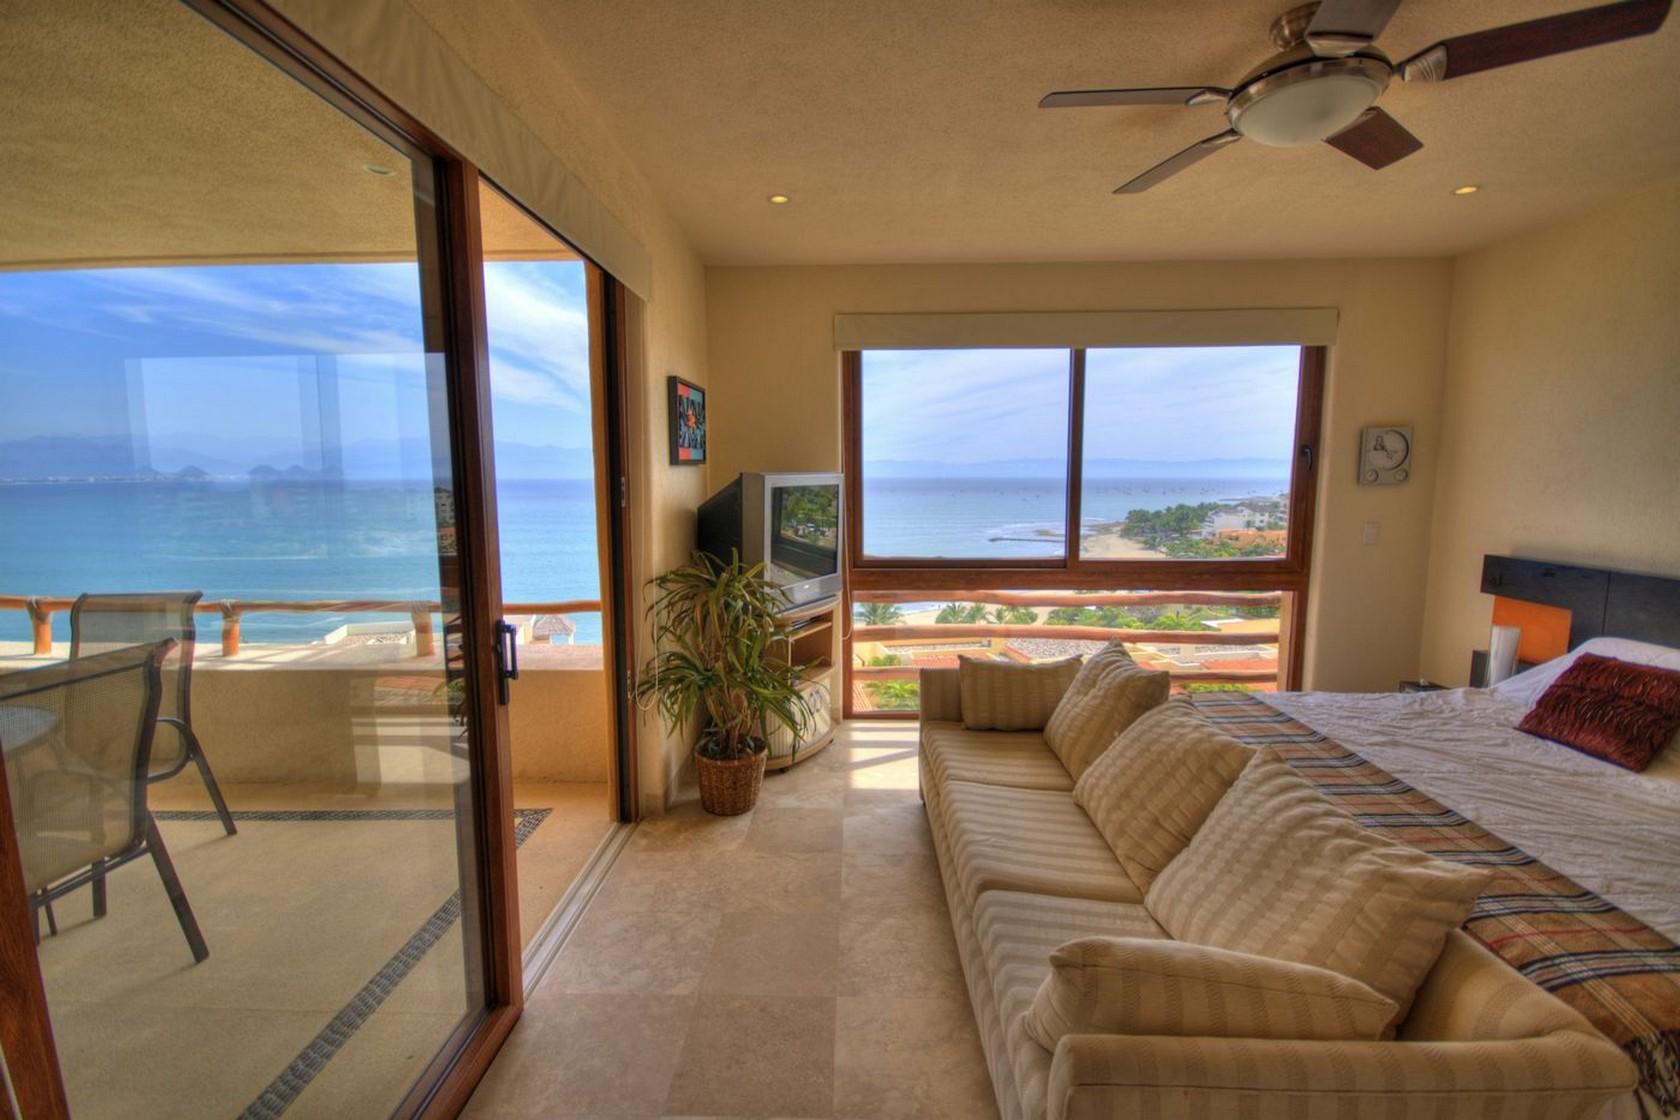 Vista recámara Departamento en venta Punta Esmeralda Resort La Cruz de Huanacaxtle